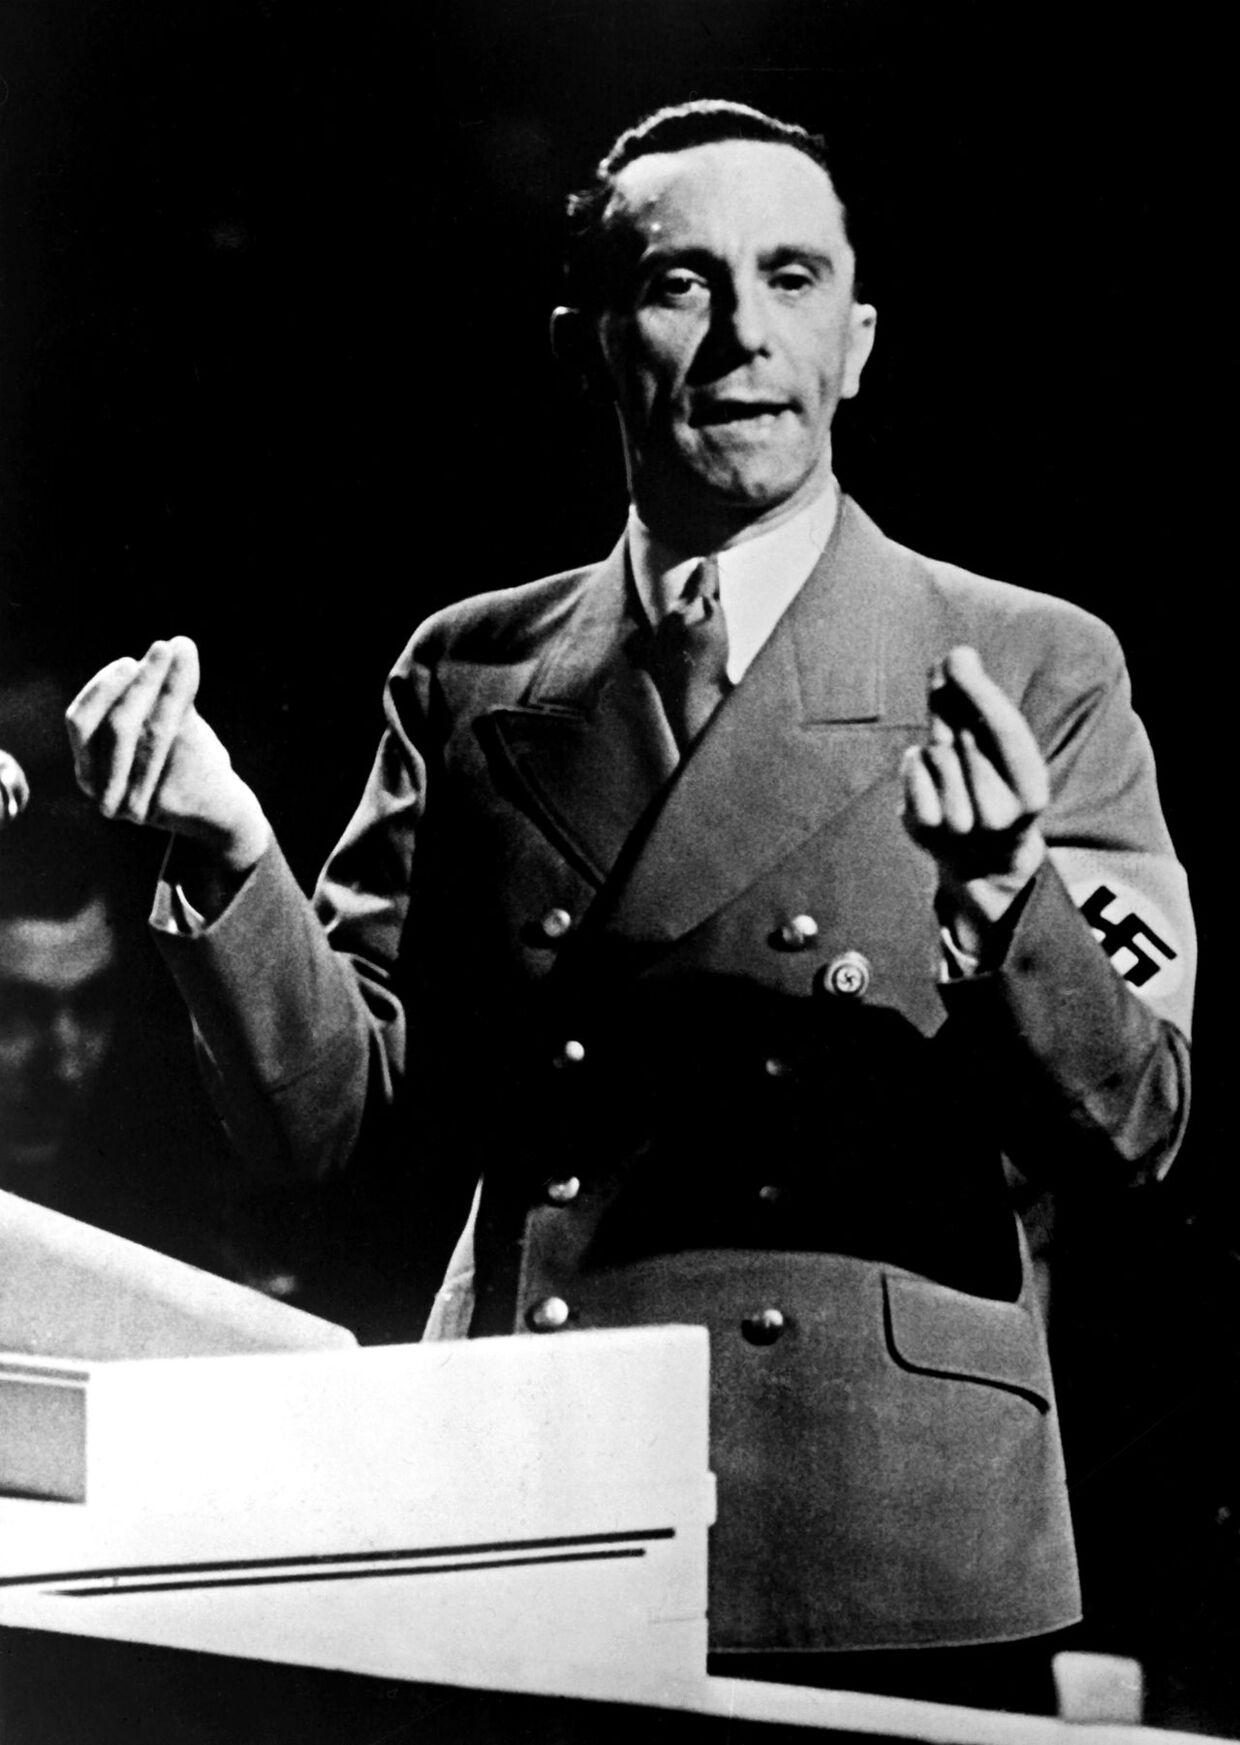 En flot mand med velplejede hænder, var Brunhilde Pomsels karaktestik af sin chef Joseph Goebbels. Men han var også en folkeforfører, og hun kunne knap kende ham, da han holdt sin berømte tale på Sportpalast i Berlin.